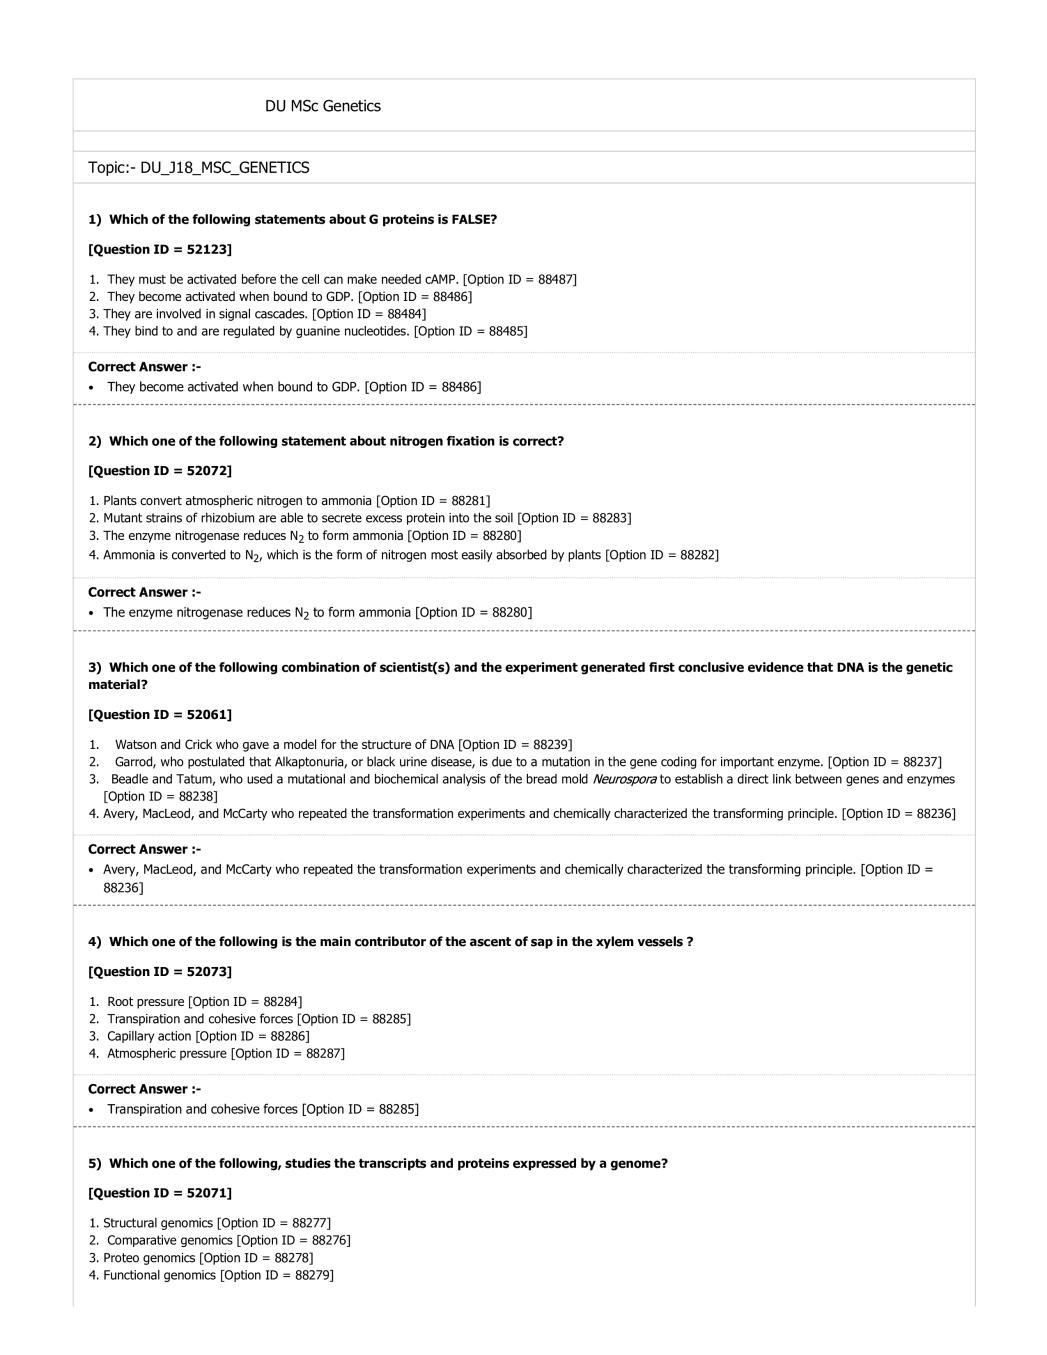 DUET 2018 Question Paper for DU MSc Genetics - Page 1